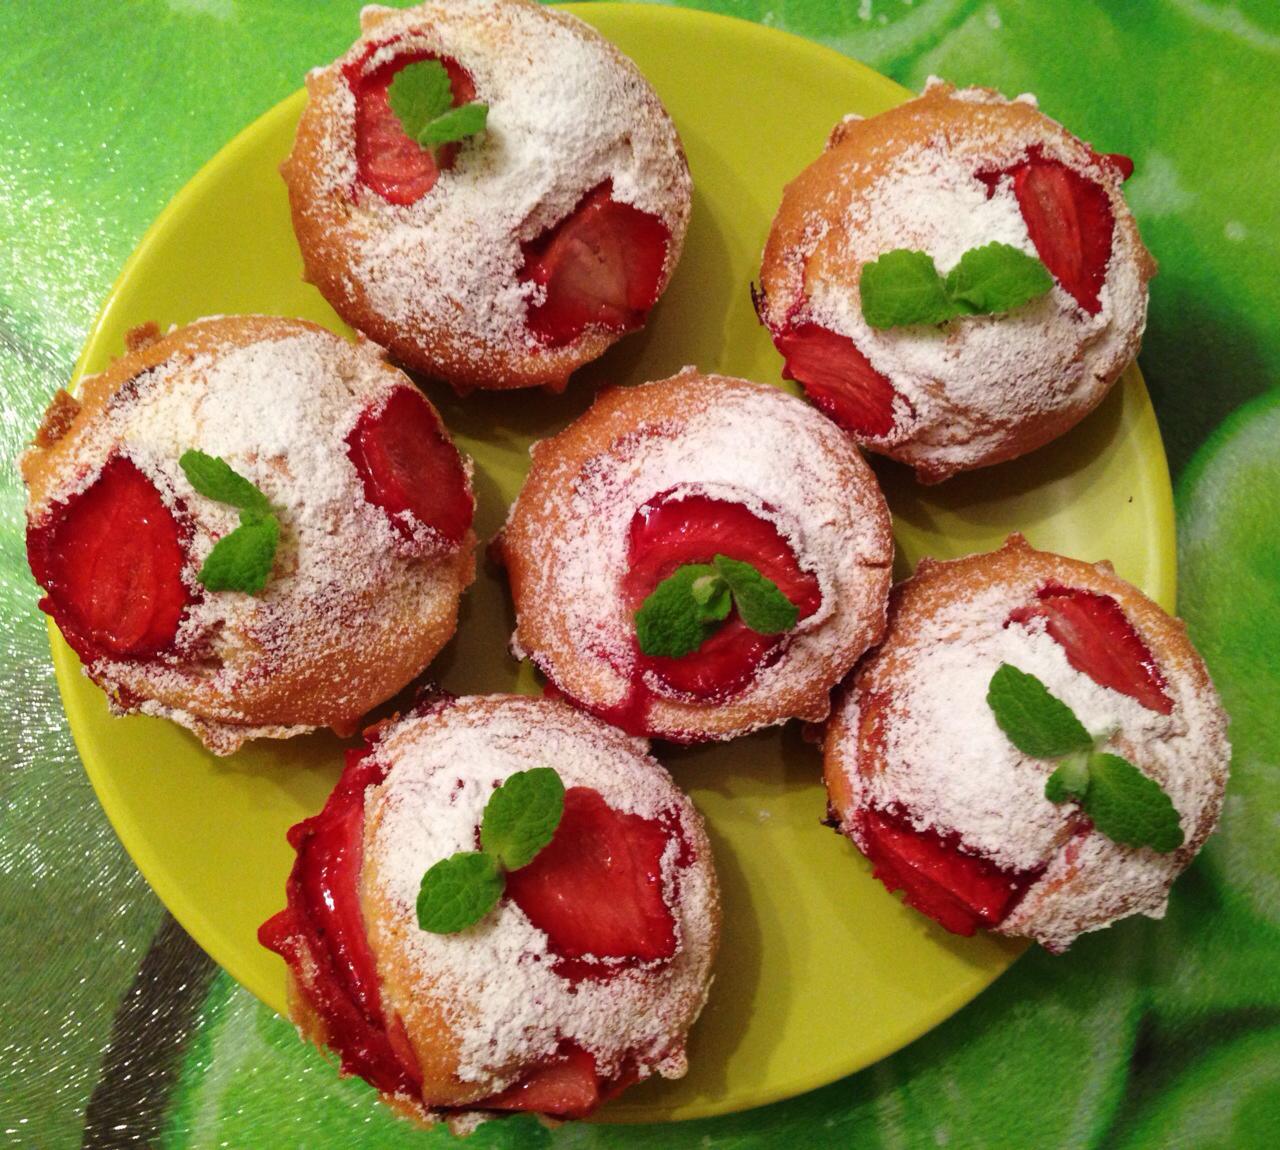 cupcakes con fresas, muffins con fresas